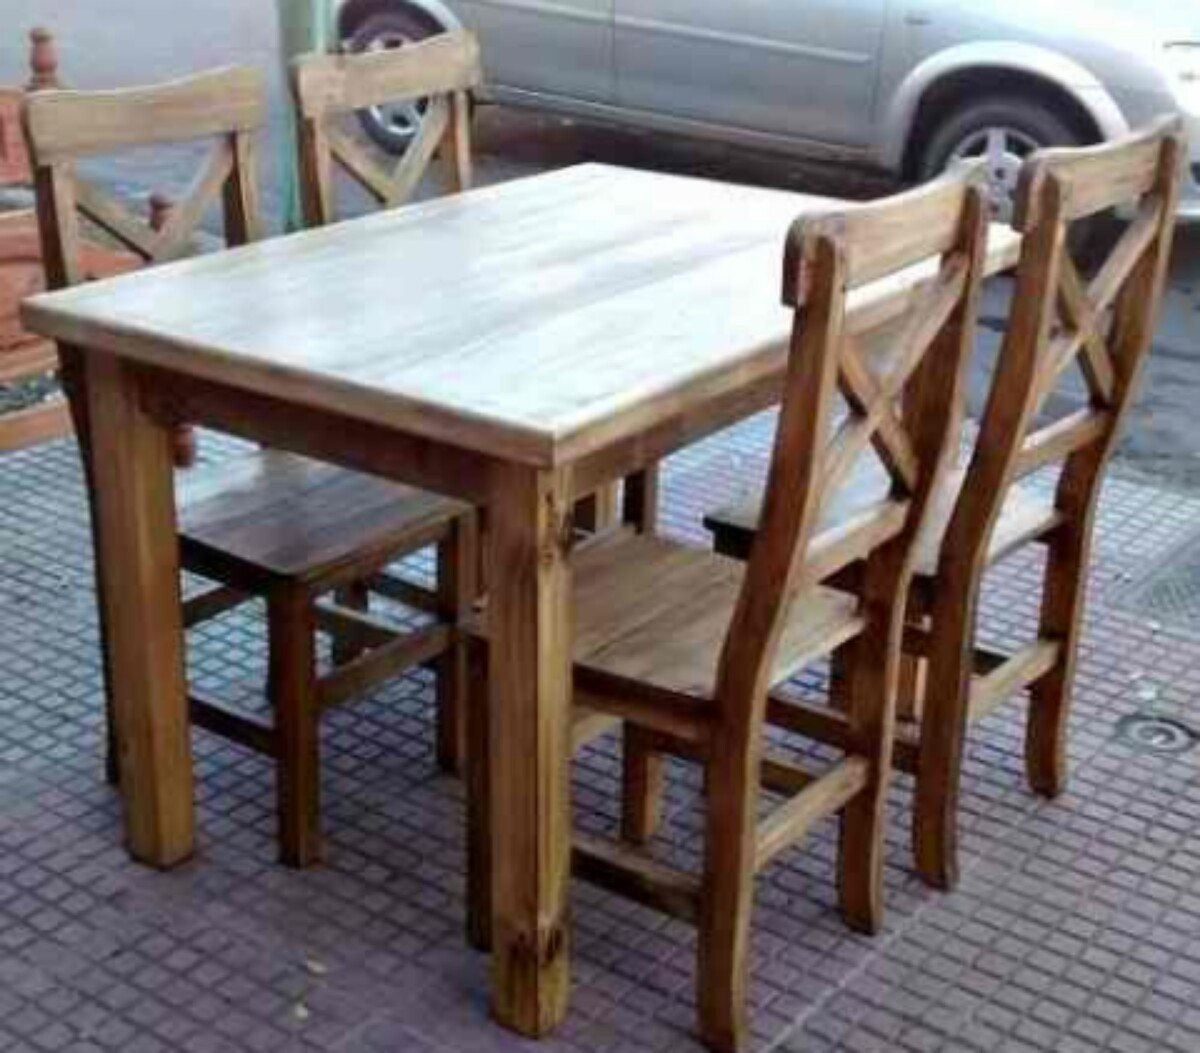 Sillas para mesa comedor bancos para las mesas de comedor for Sillas para cocina comedor